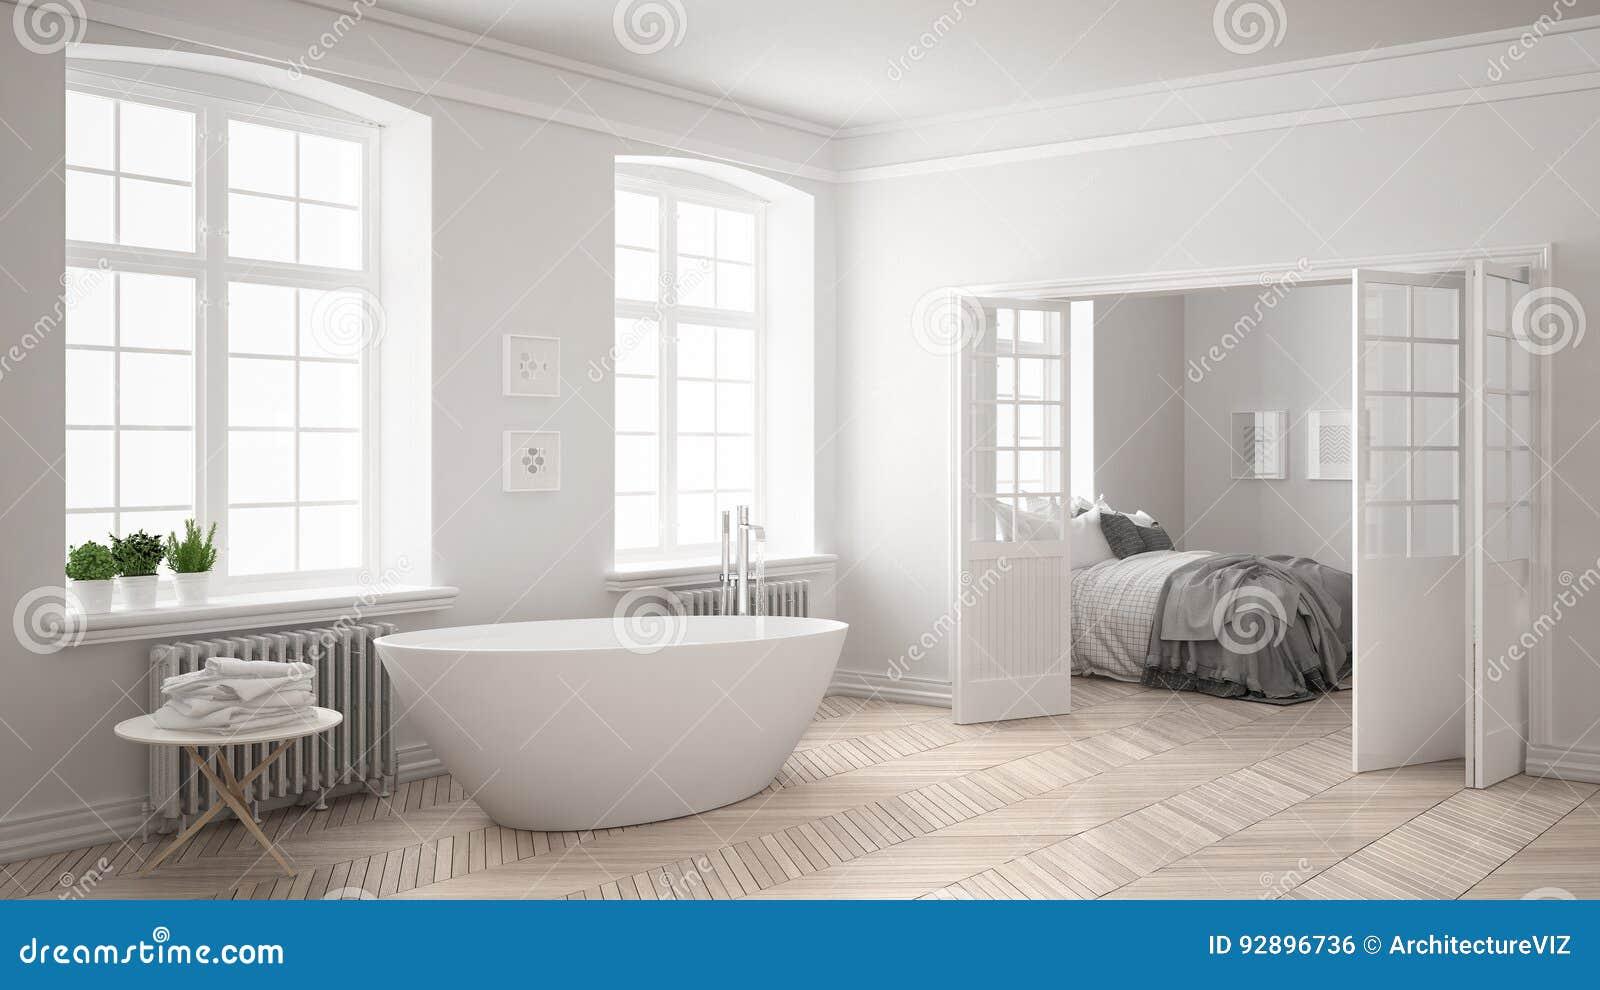 Unbedeutendes Skandinavisches Weißes Badezimmer Mit Schlafzimmer Im ...